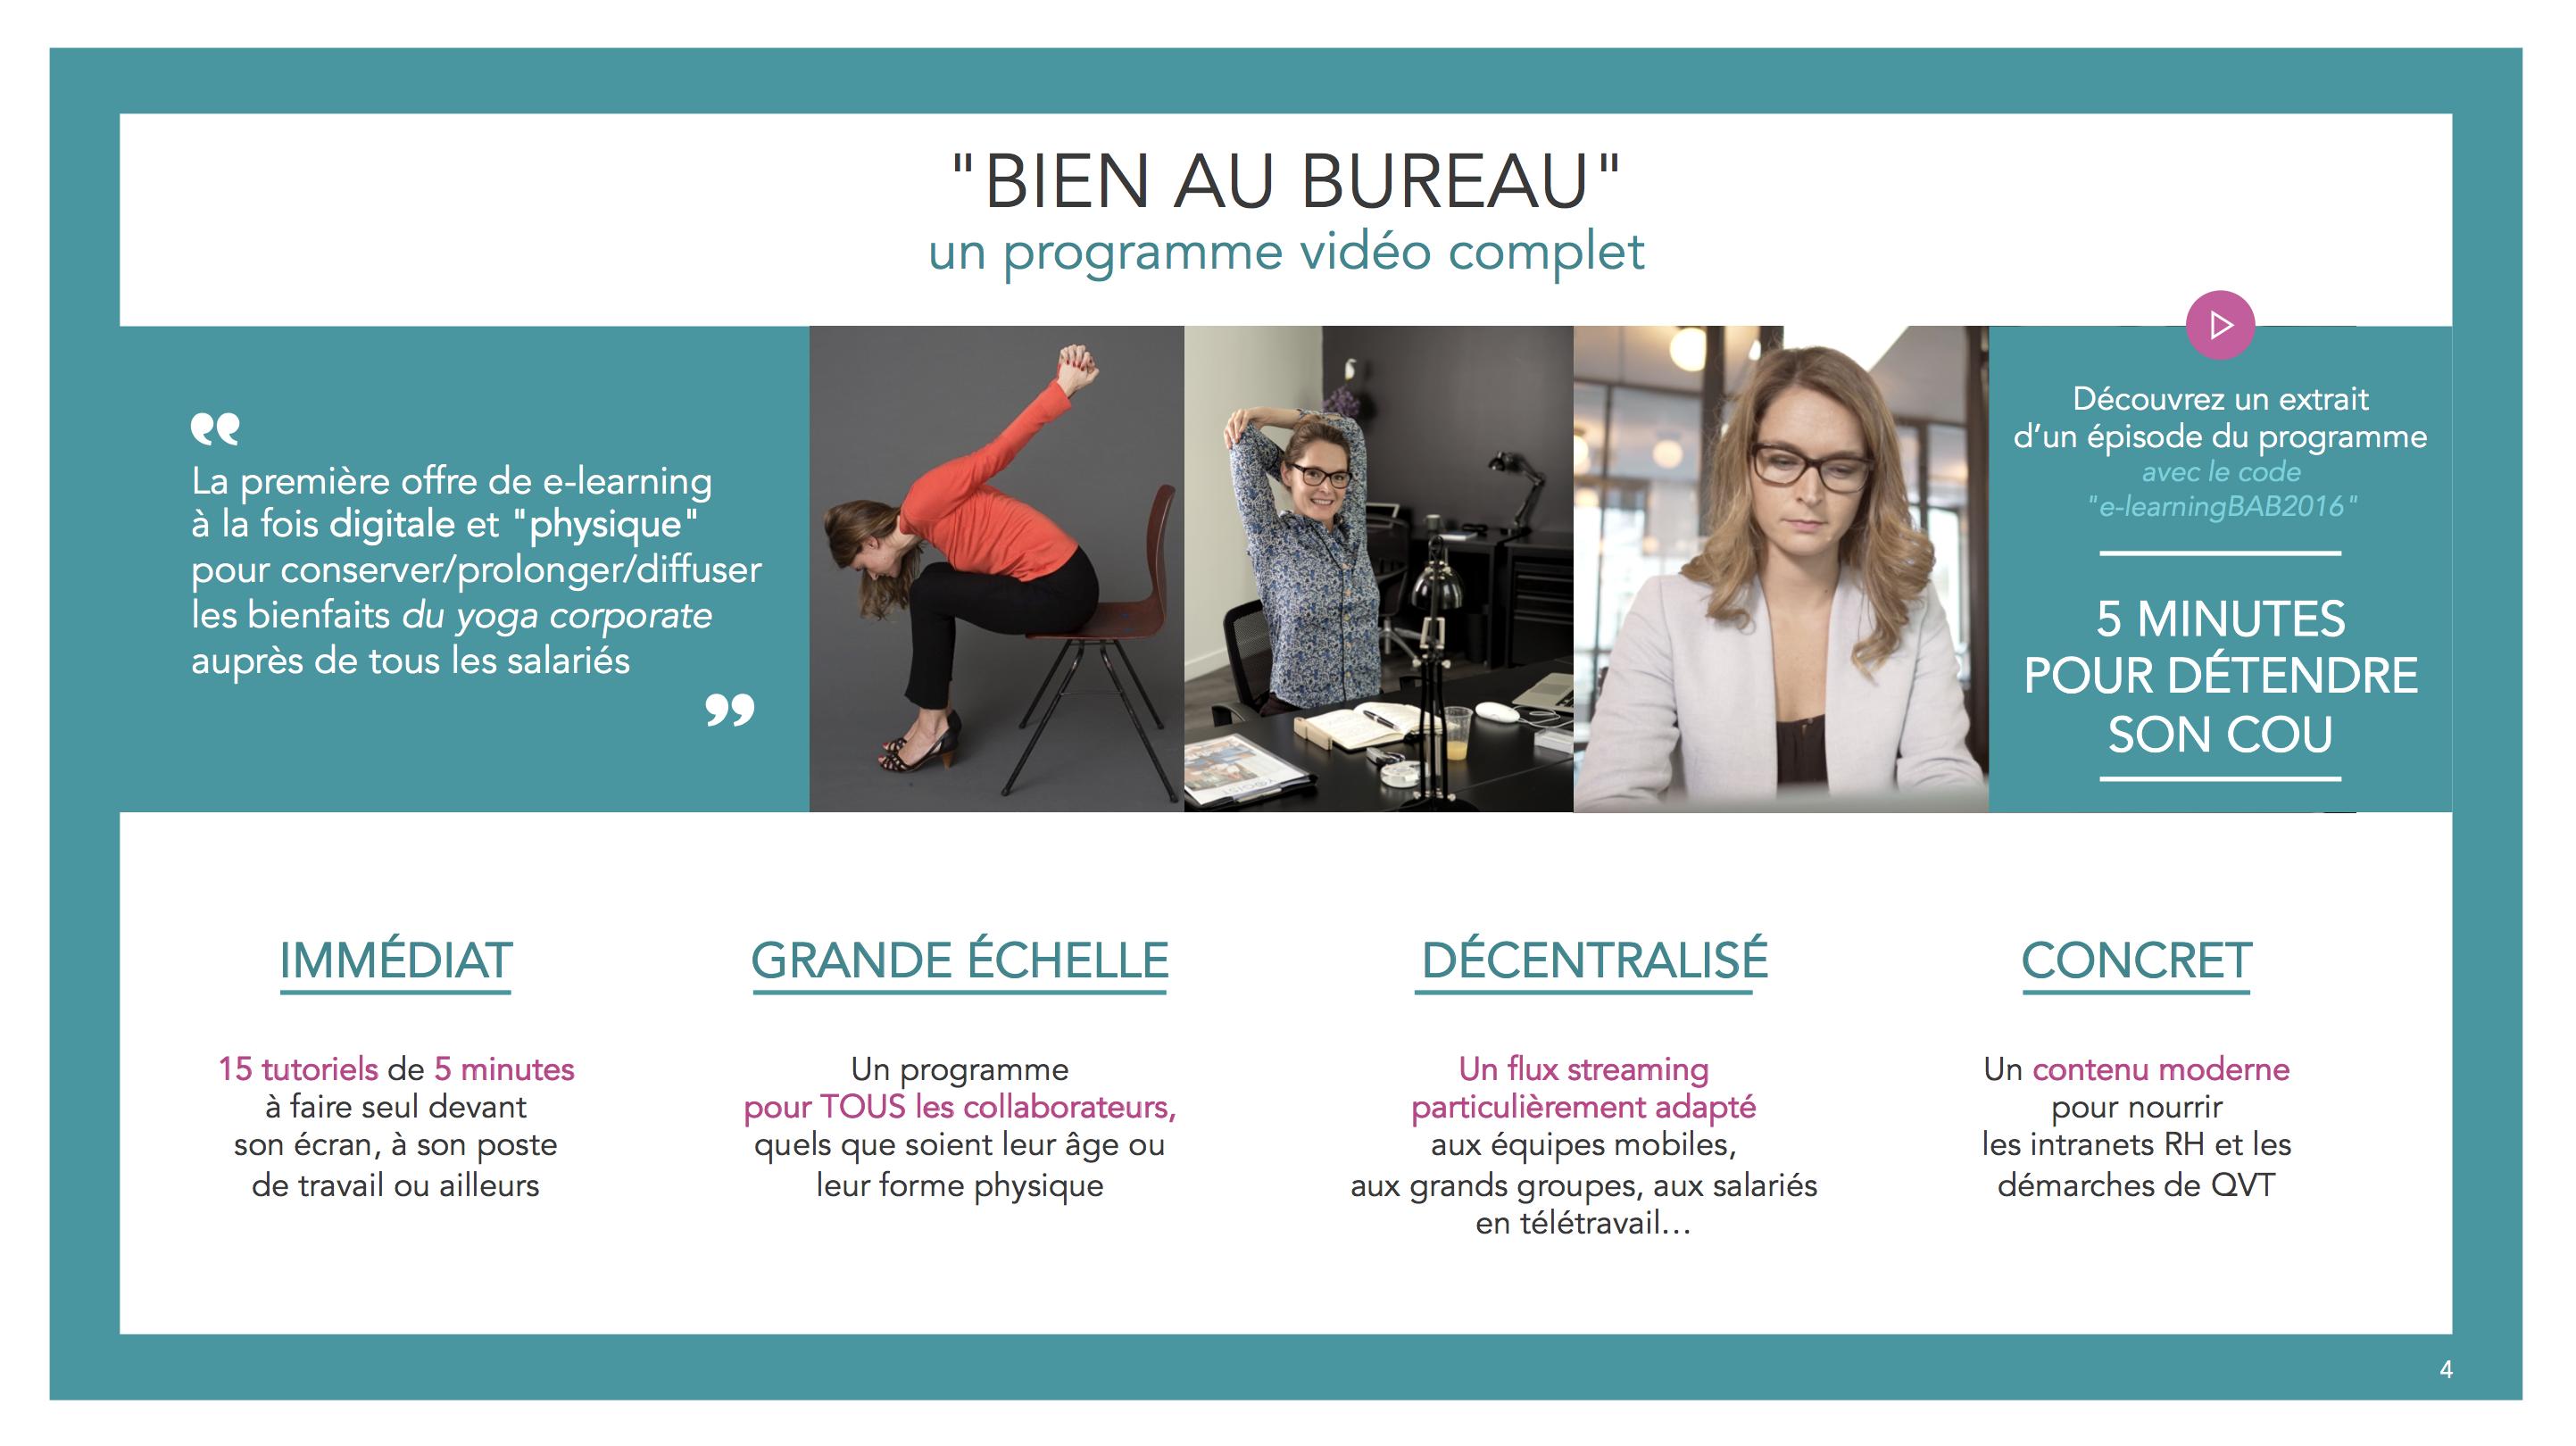 Présentation du programme d'e-learning Bien au bureau - YOGIST